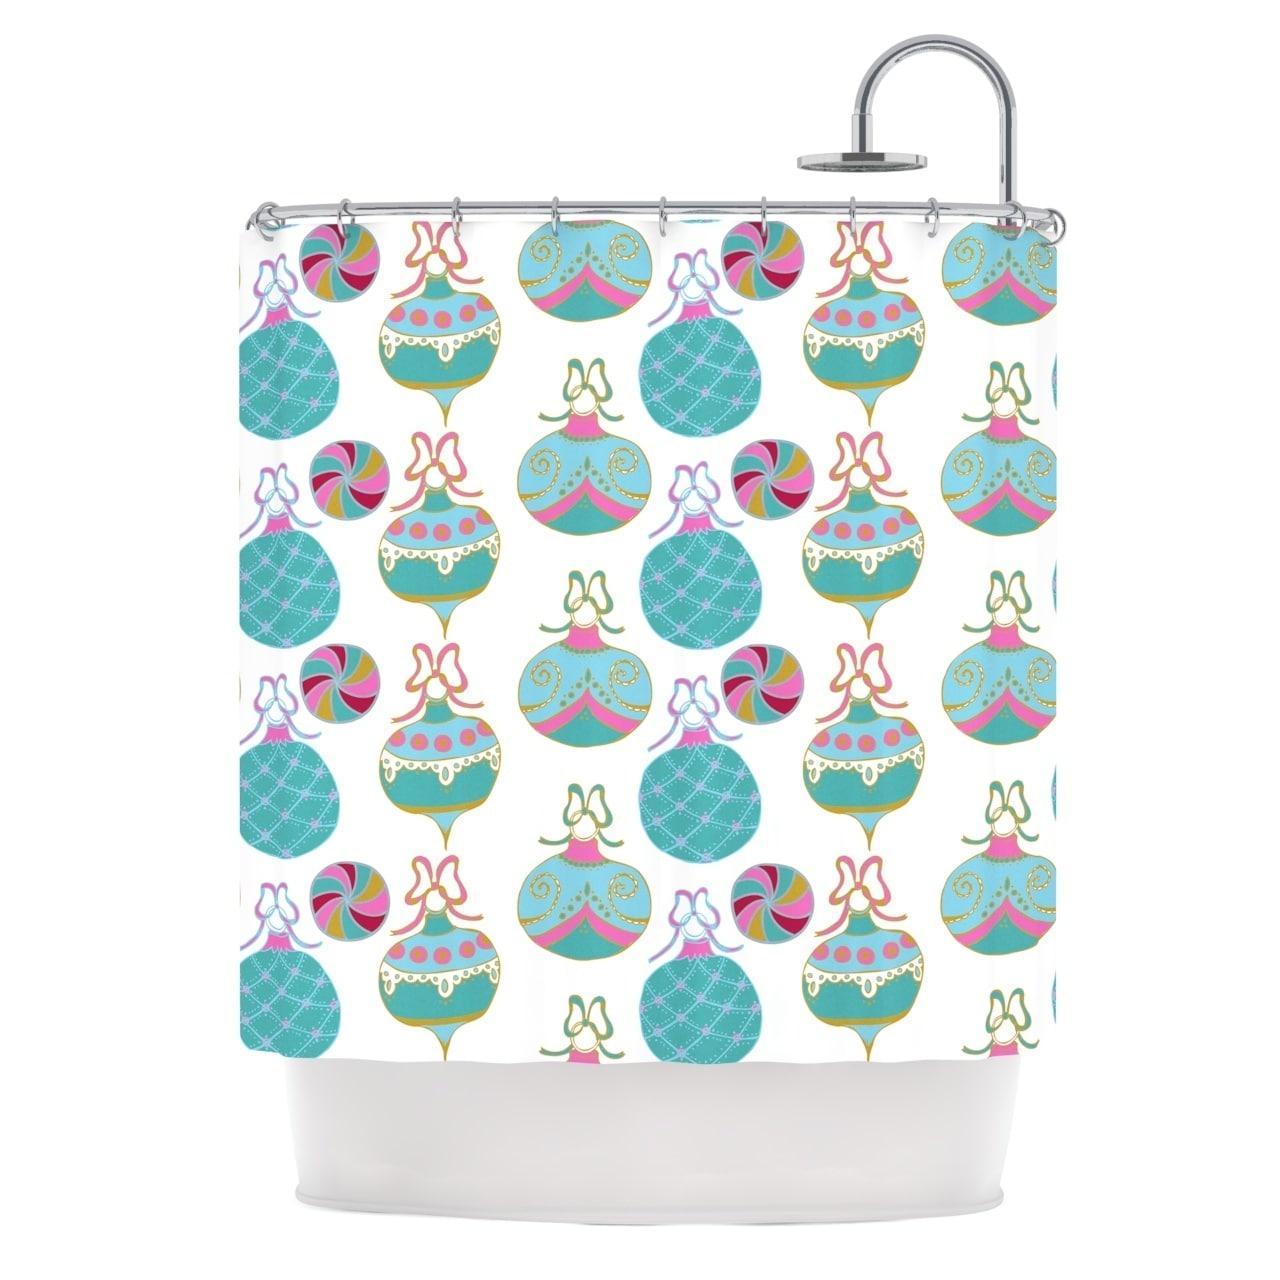 KESS InHouse Anneline Sophia Vintage Baubles Teal Seasonal Shower ...